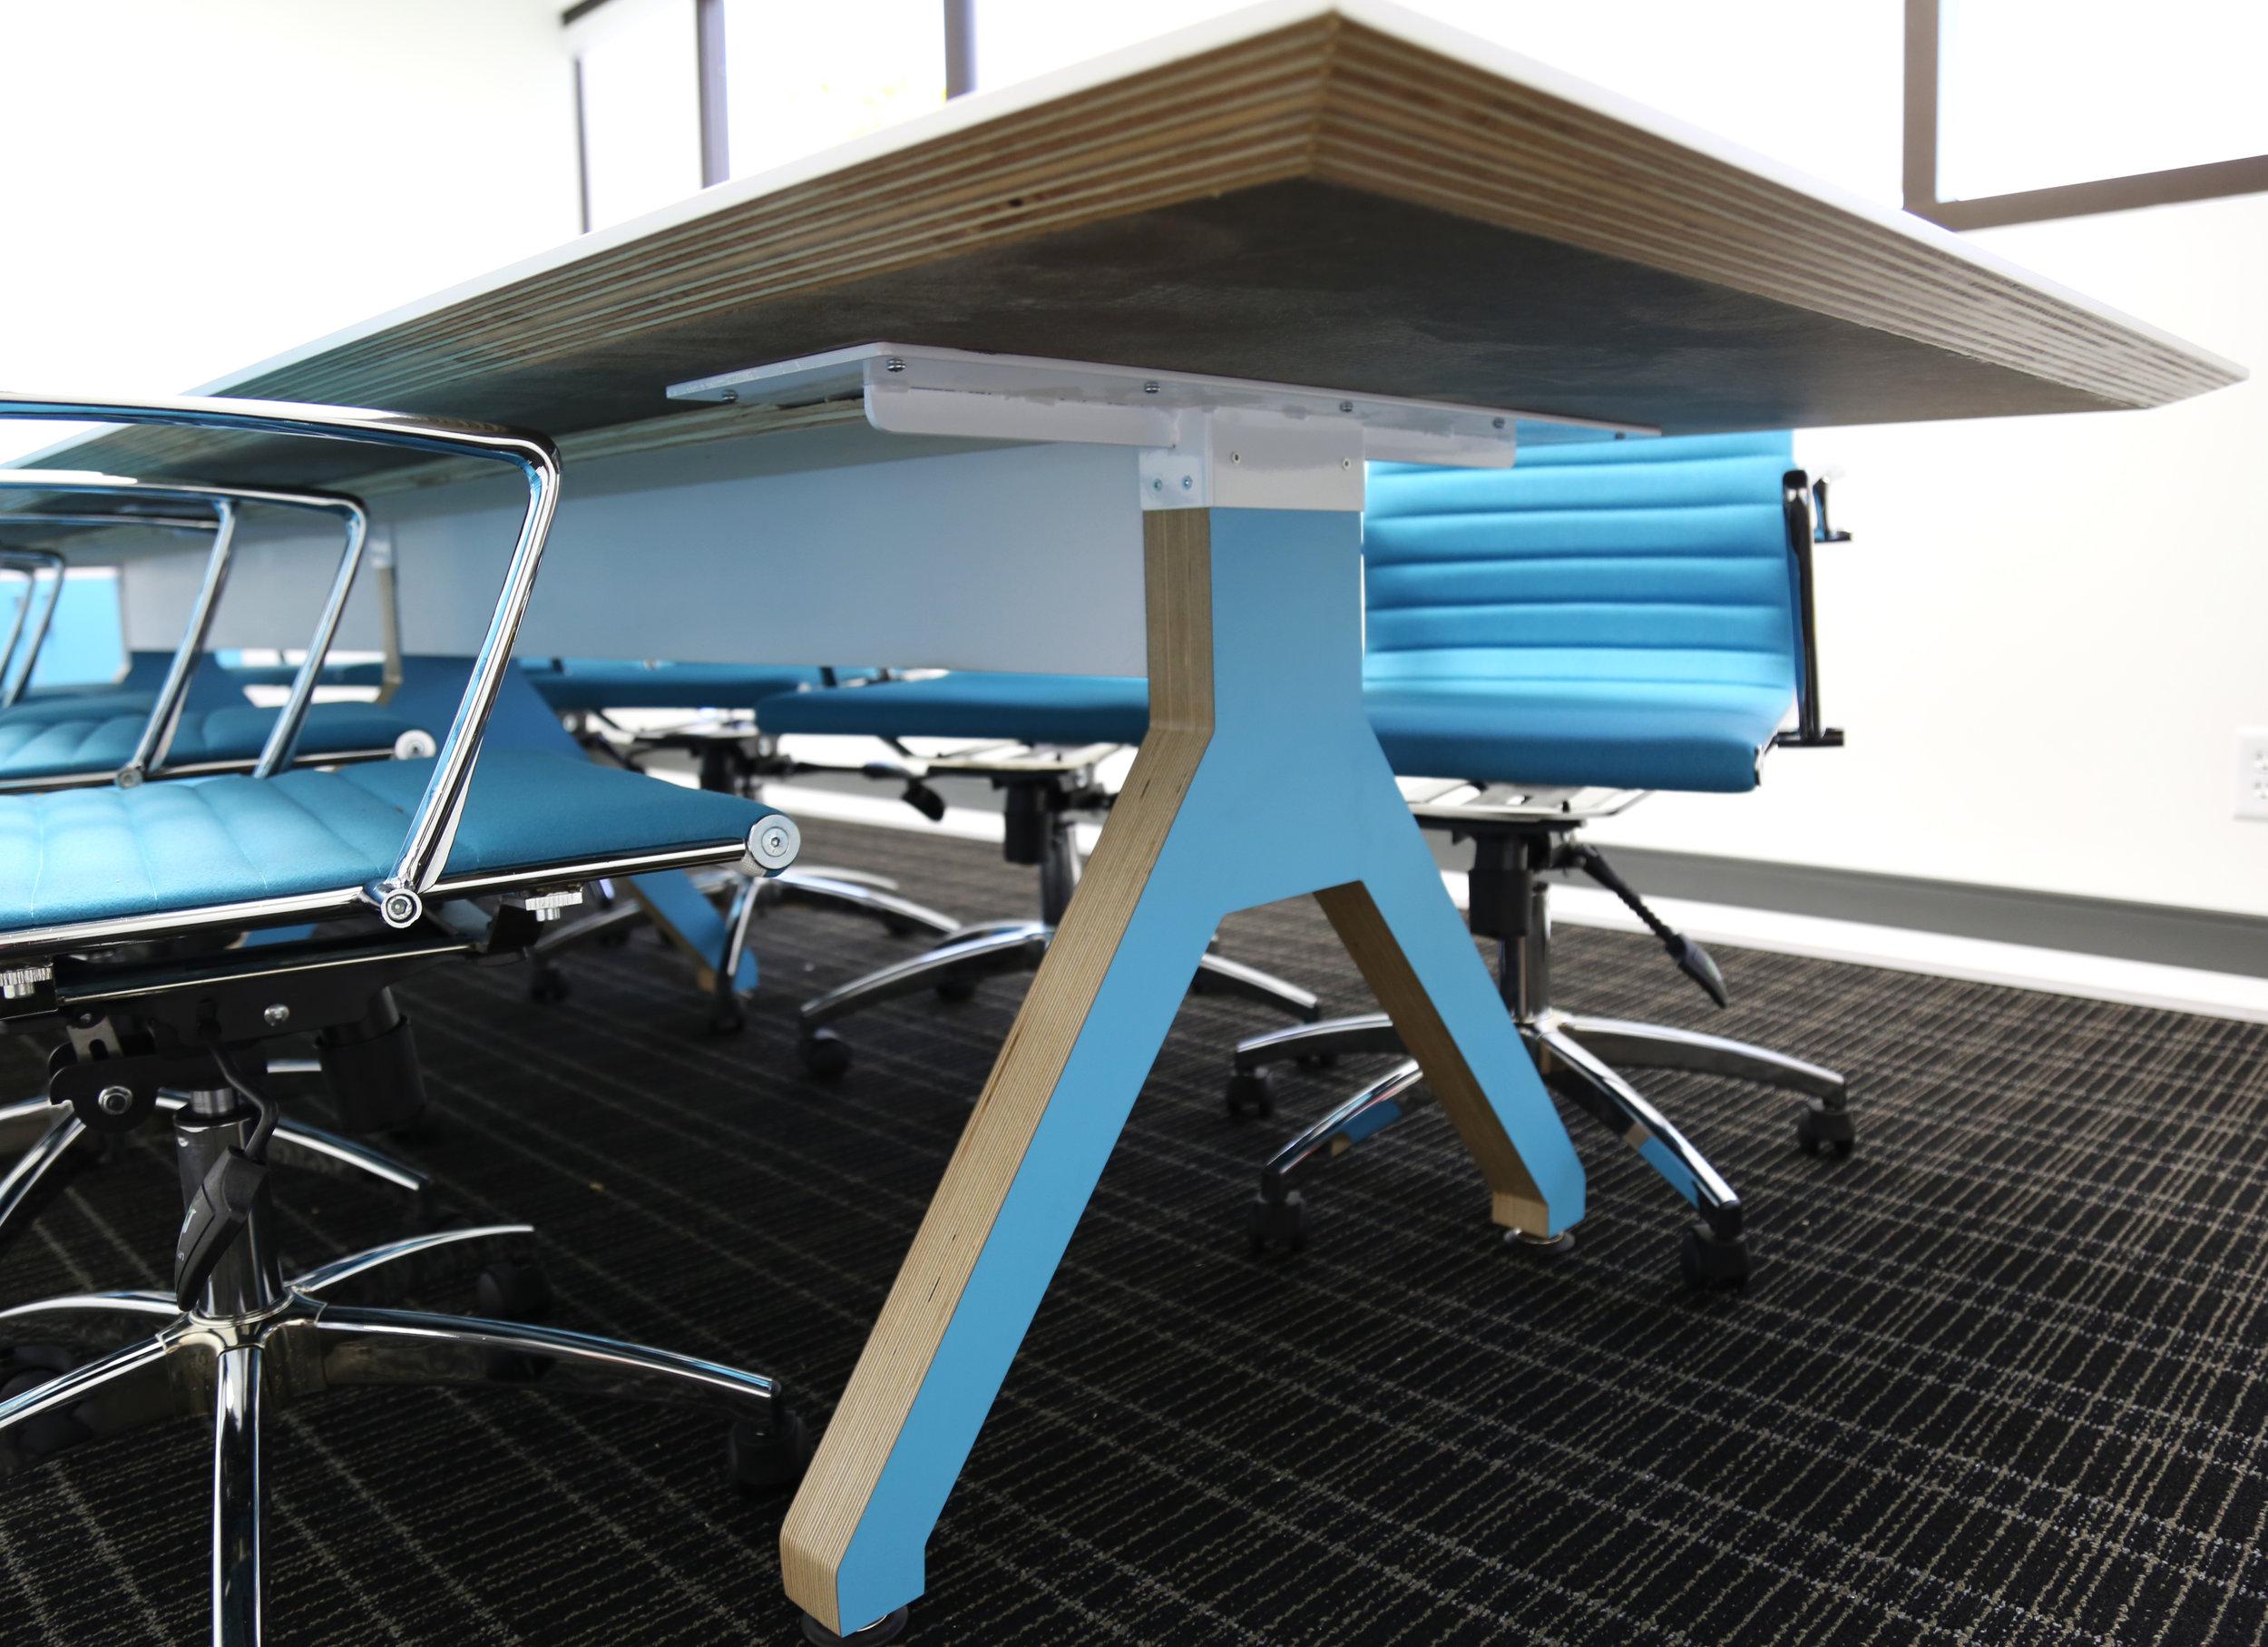 conferencetableupclose.jpg